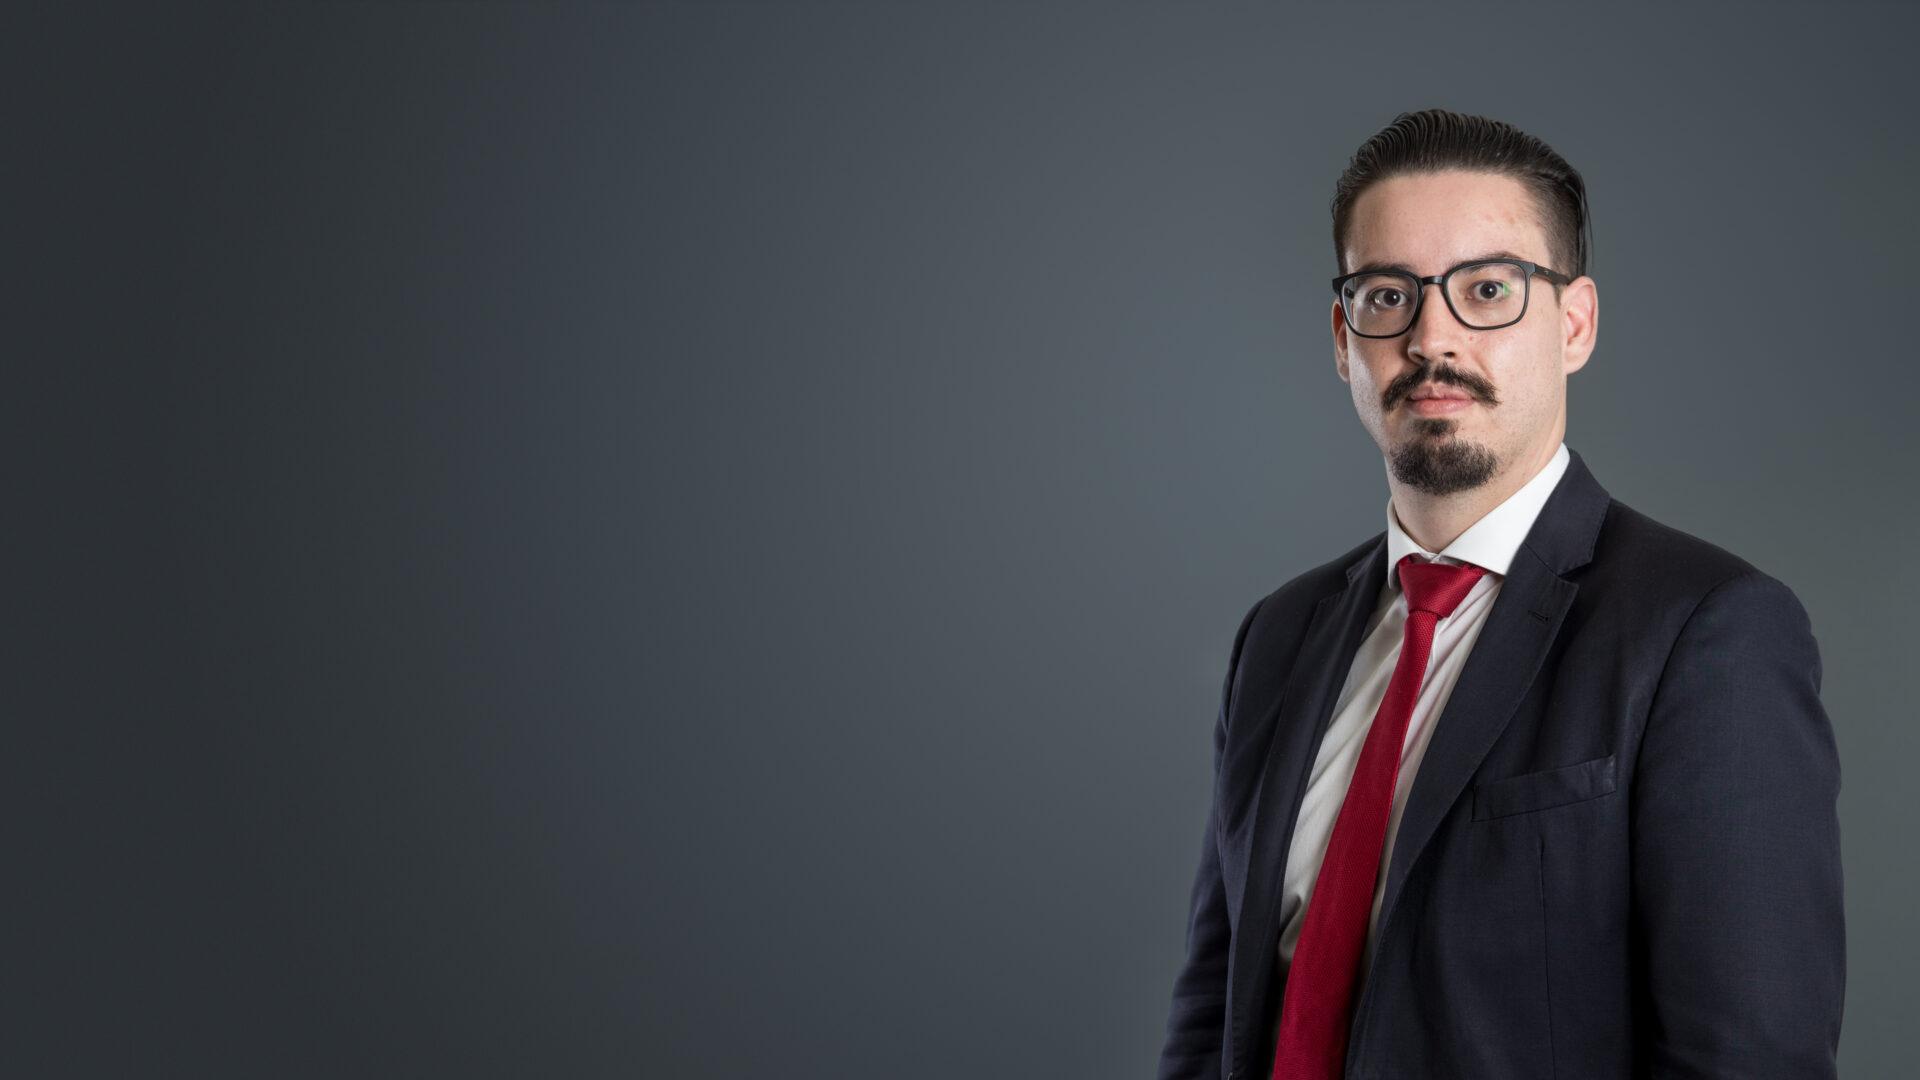 Andrey Felippe de Azevedo Barbosa